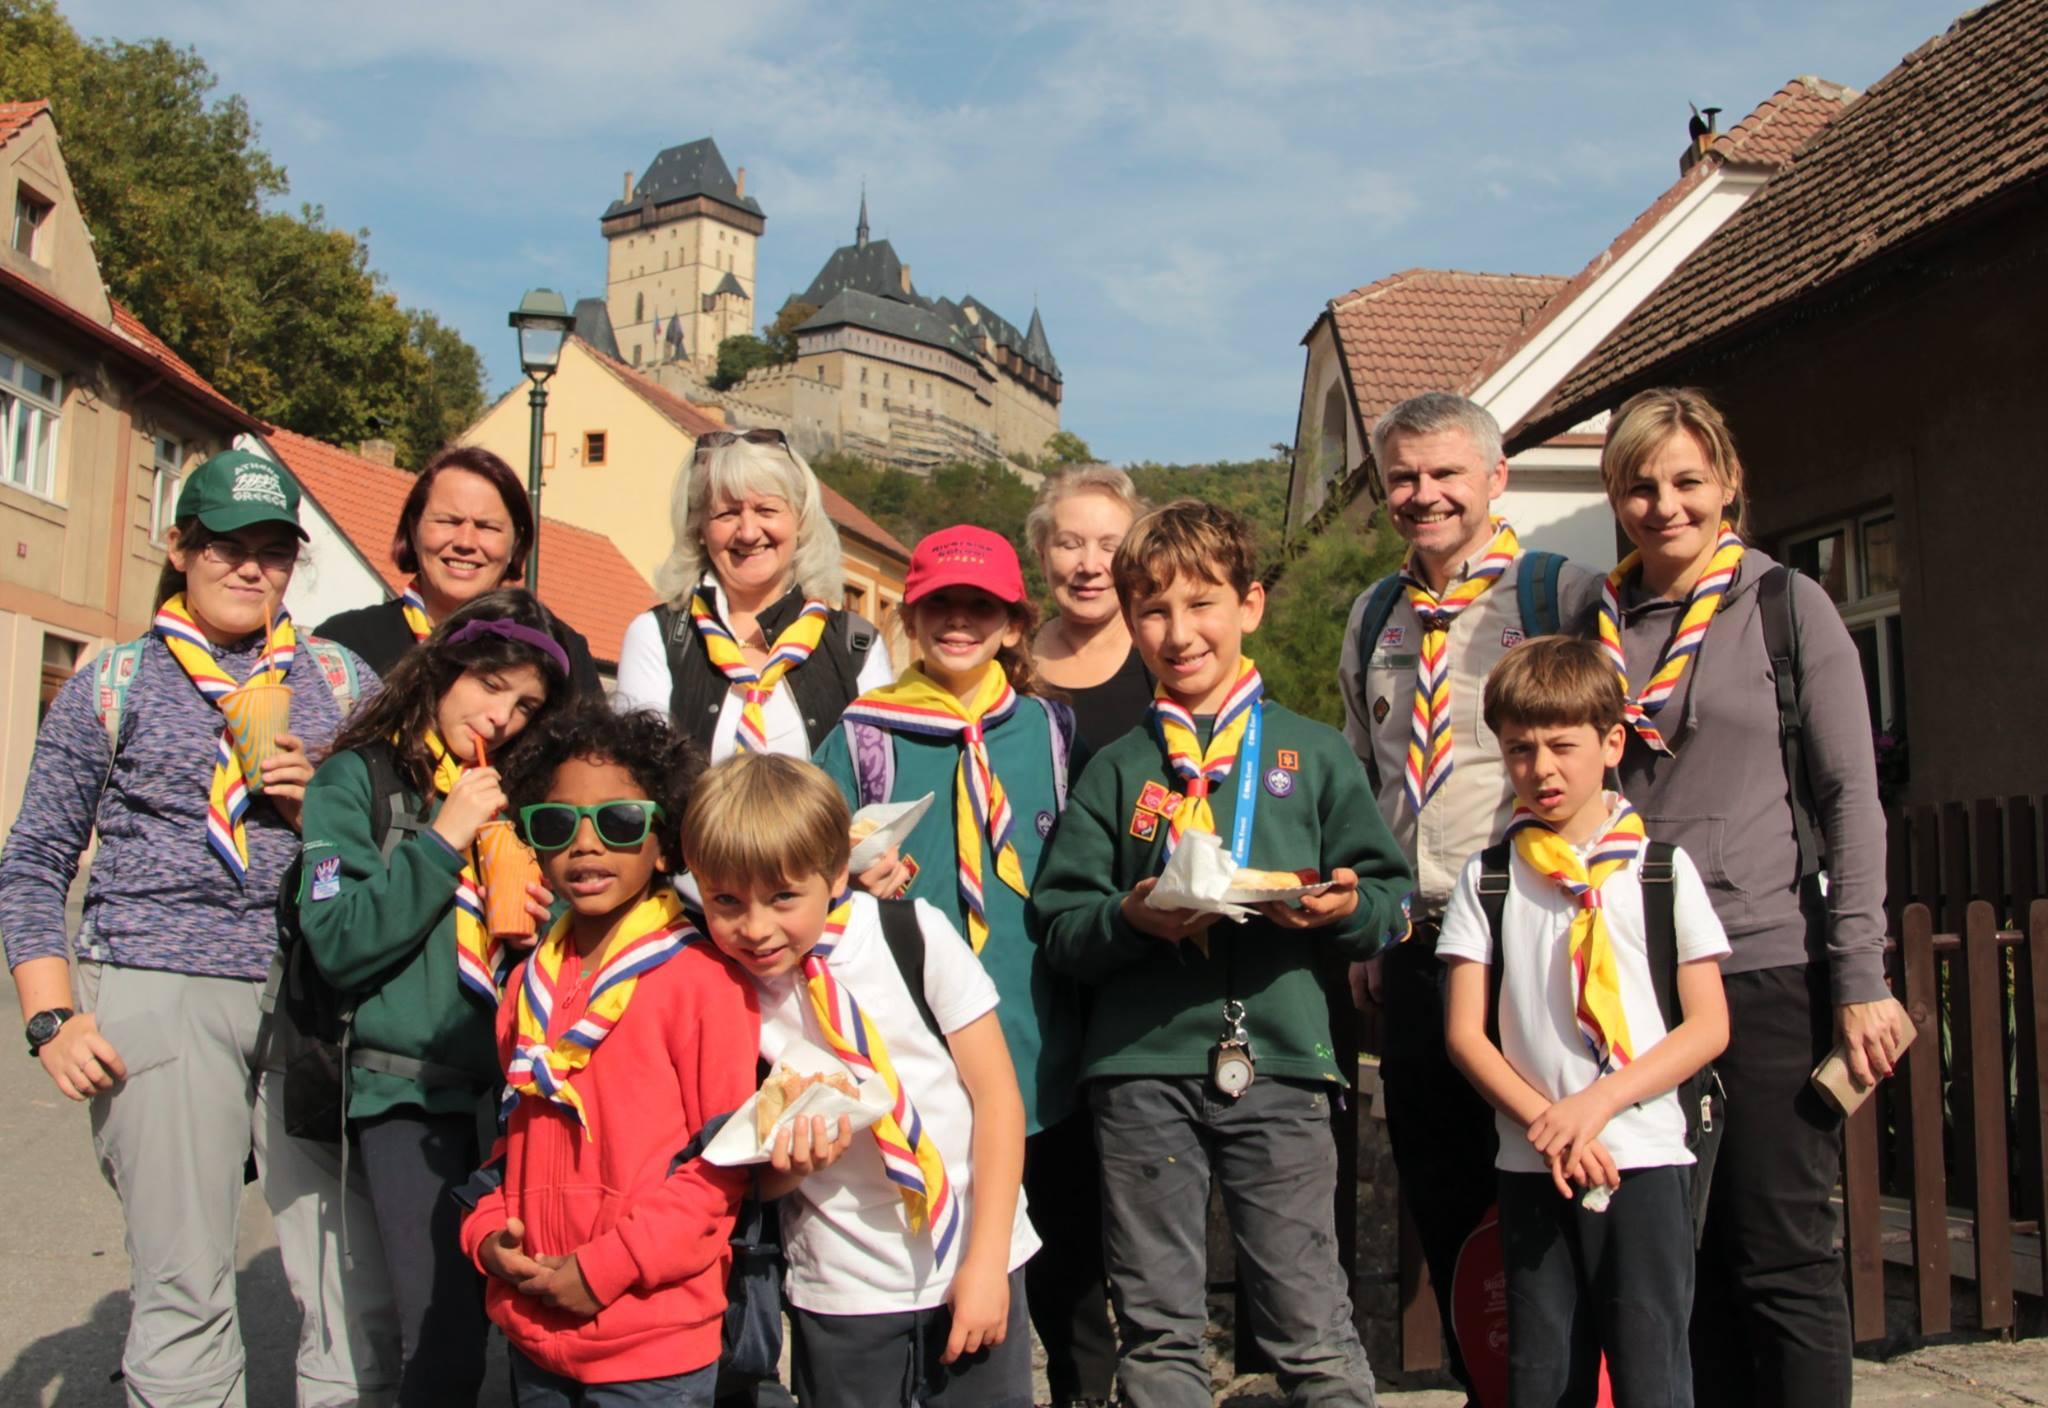 Prague Scouts promotes adventure.